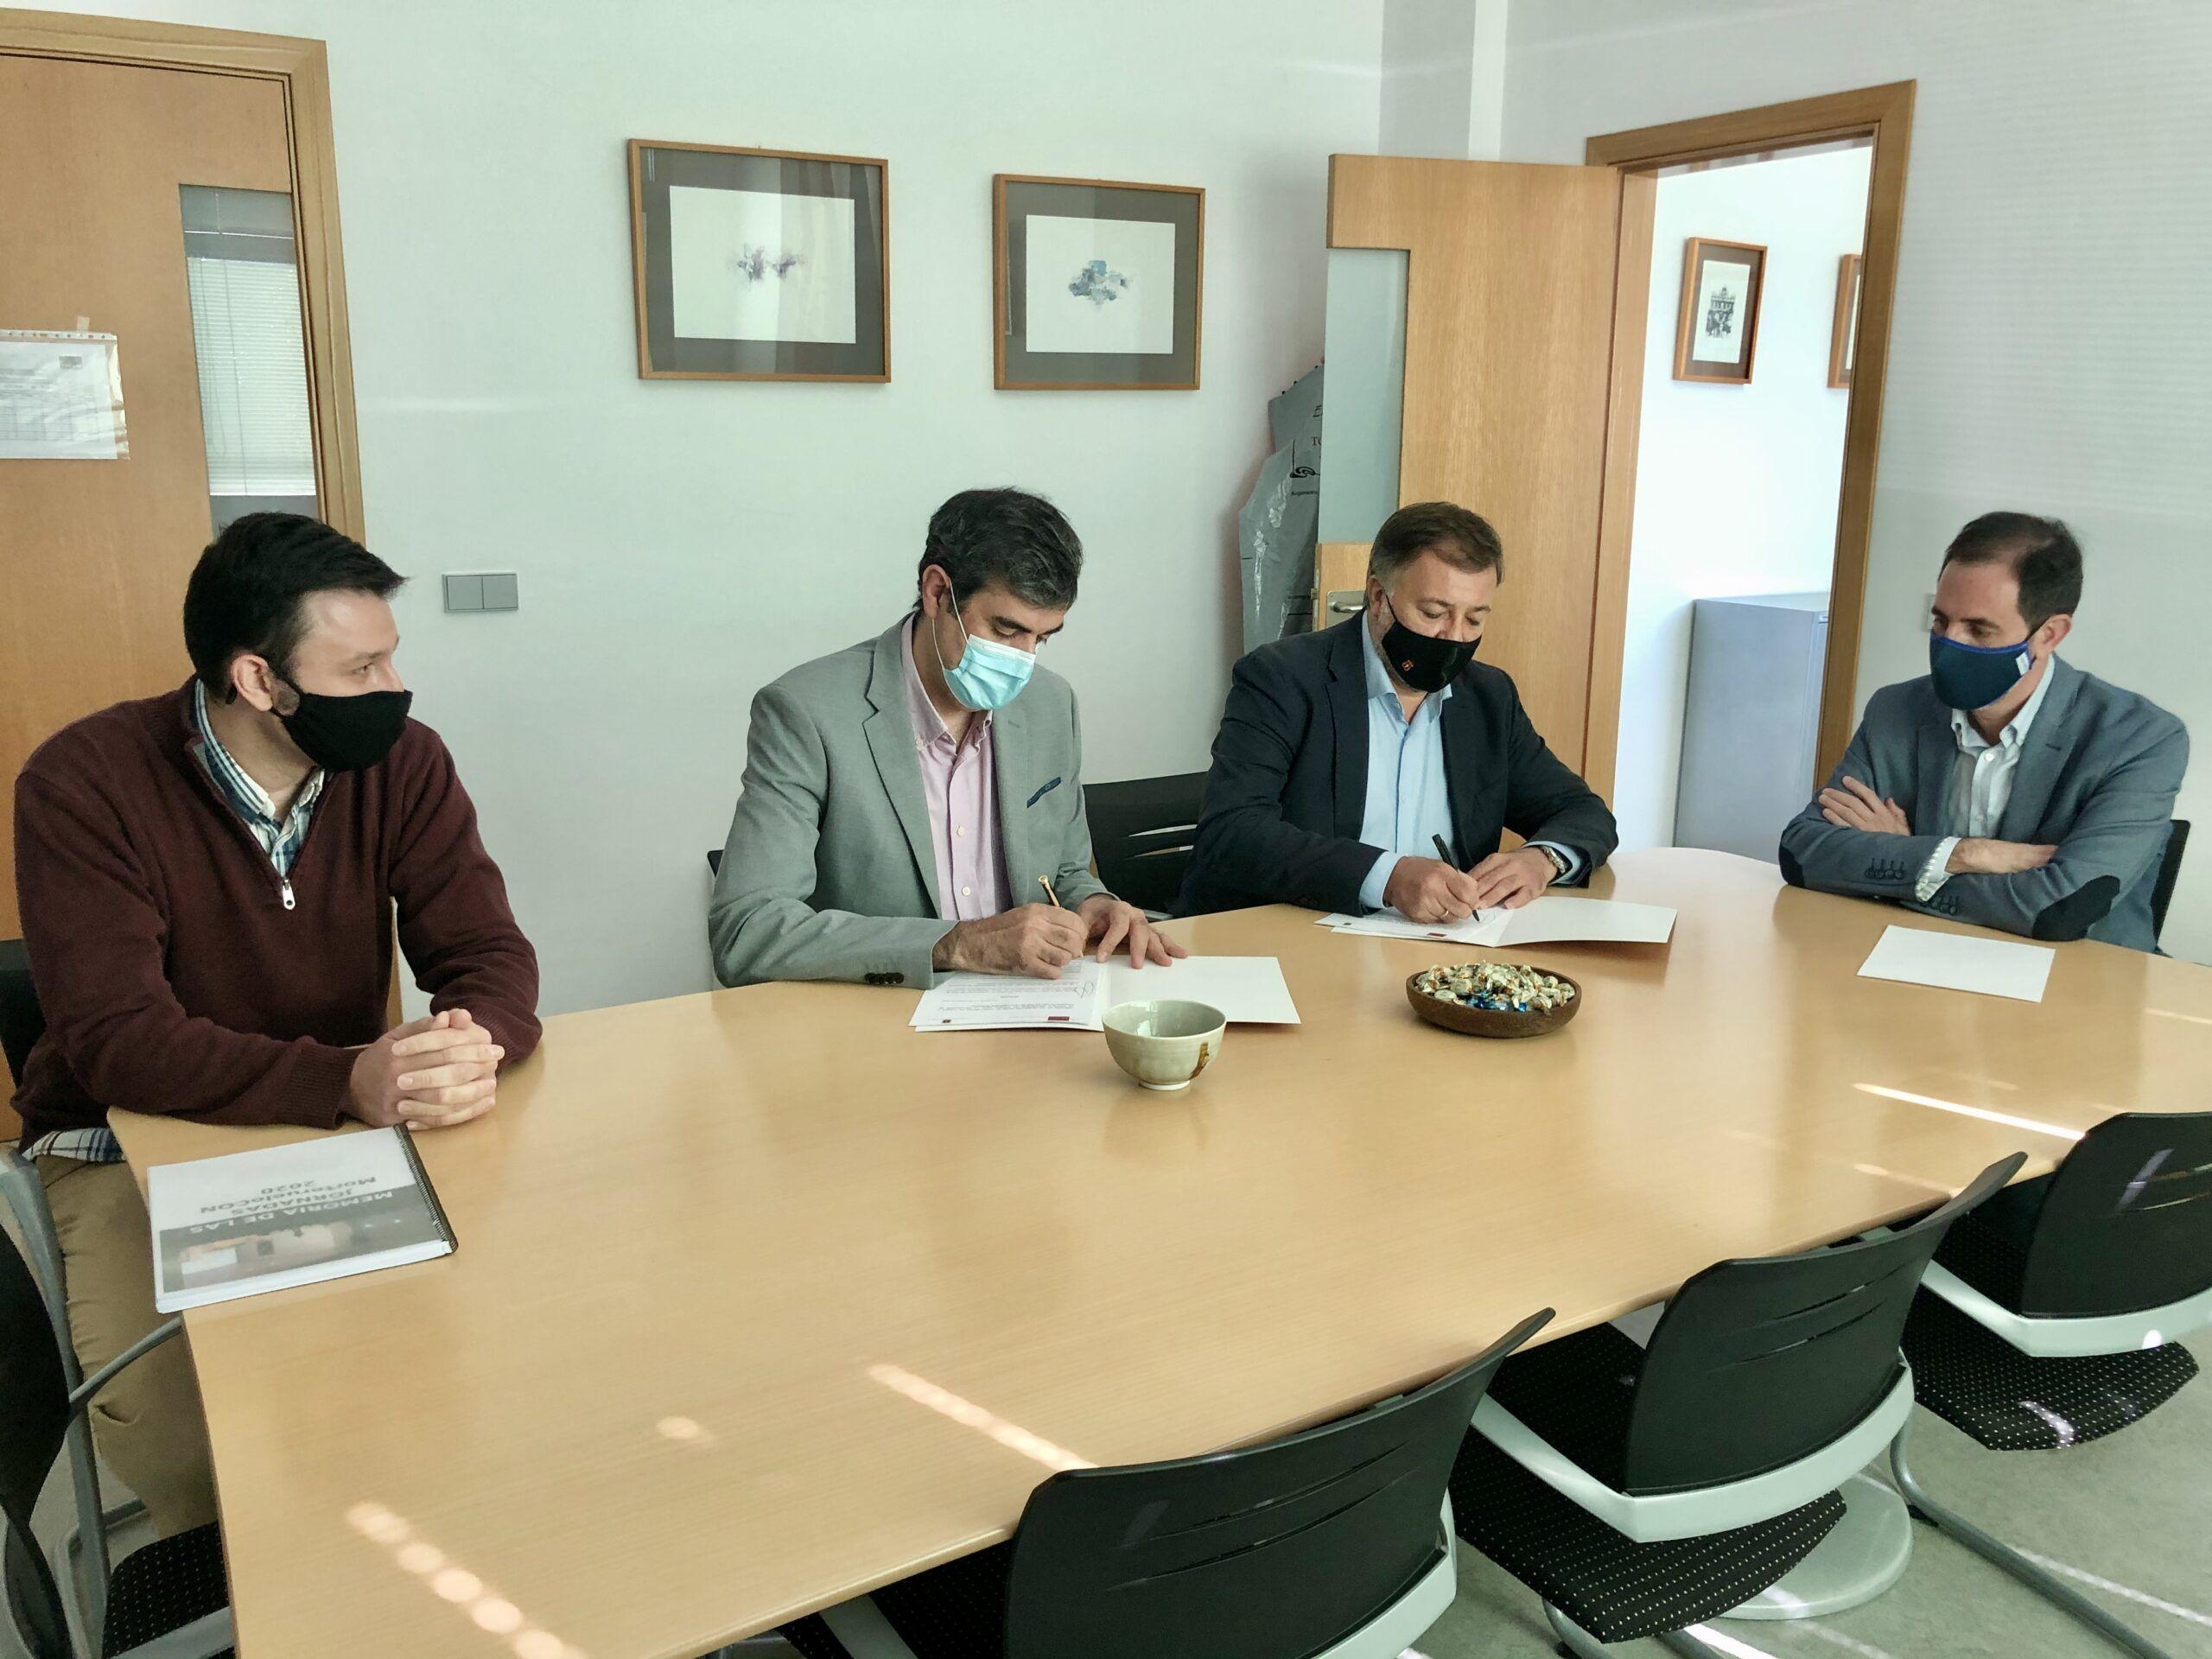 El Ayuntamiento y la Escuela Politécnica firman un acuerdo para la realización de un estudio de ciberseguridad de la web municipal